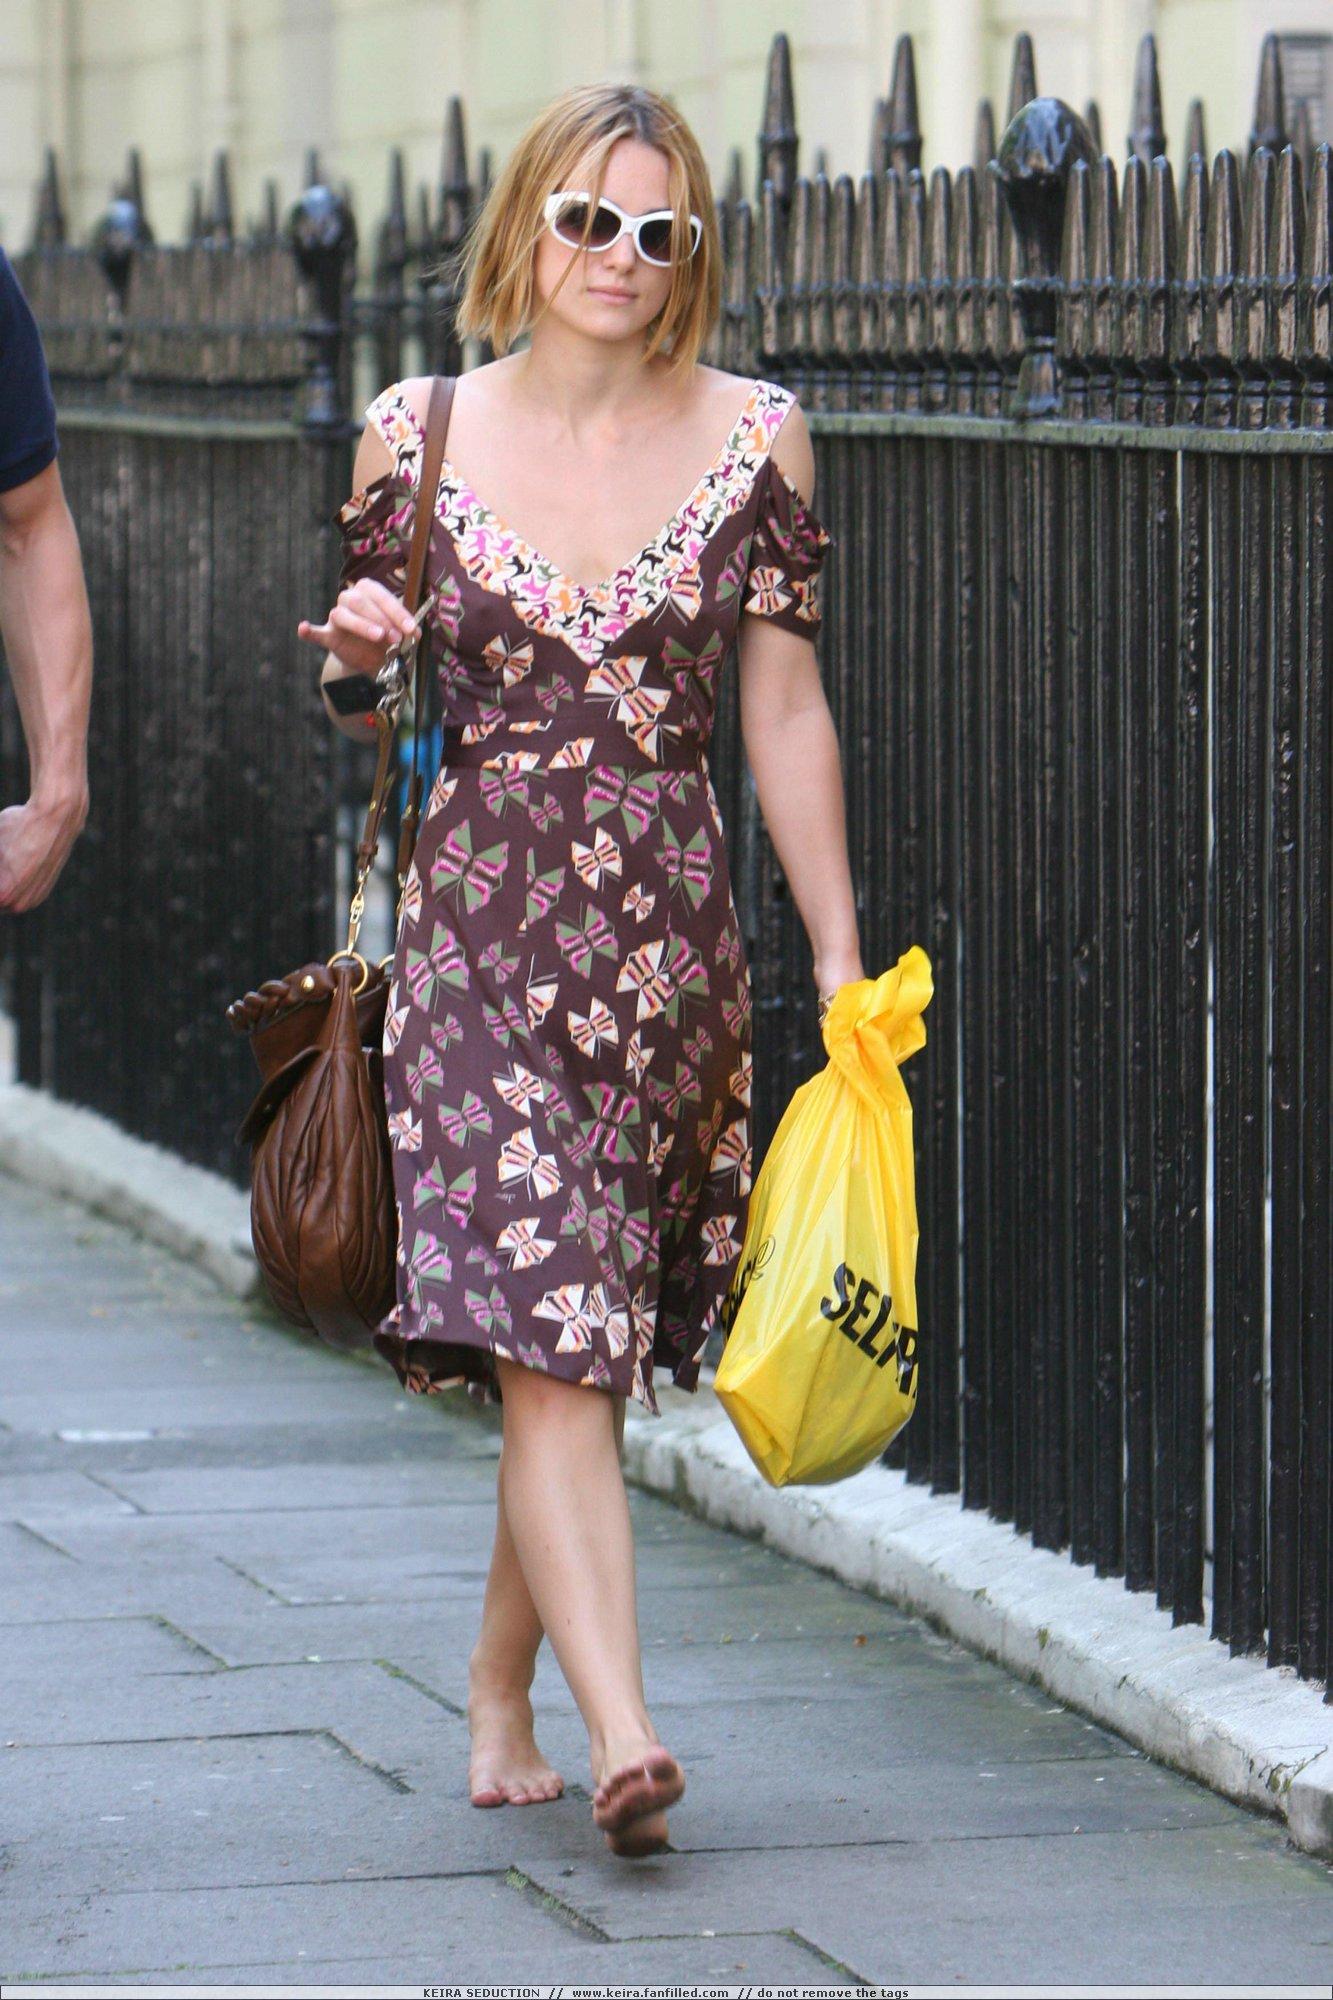 http://pics.wikifeet.com/Keira-Knightley-Feet-245470.jpg